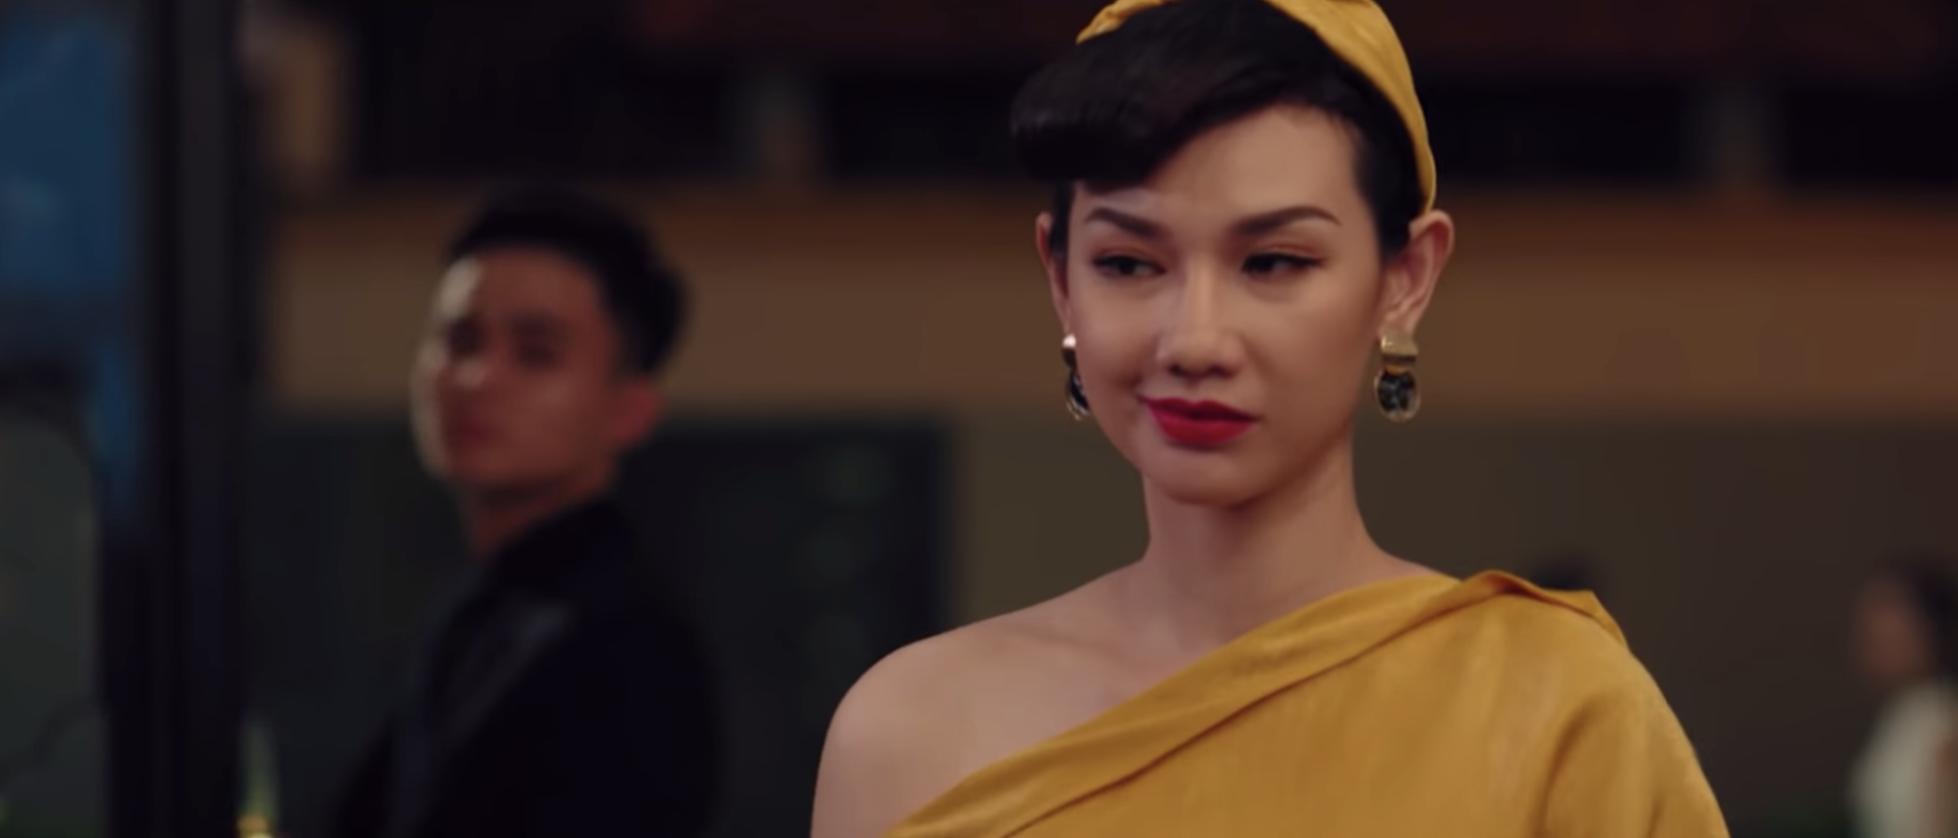 Liều lĩnh như chị đẹp Mỹ Tâm: Trao cơ hội cho toàn diễn viên mới trong Chị Trợ Lý Của Anh - Ảnh 5.